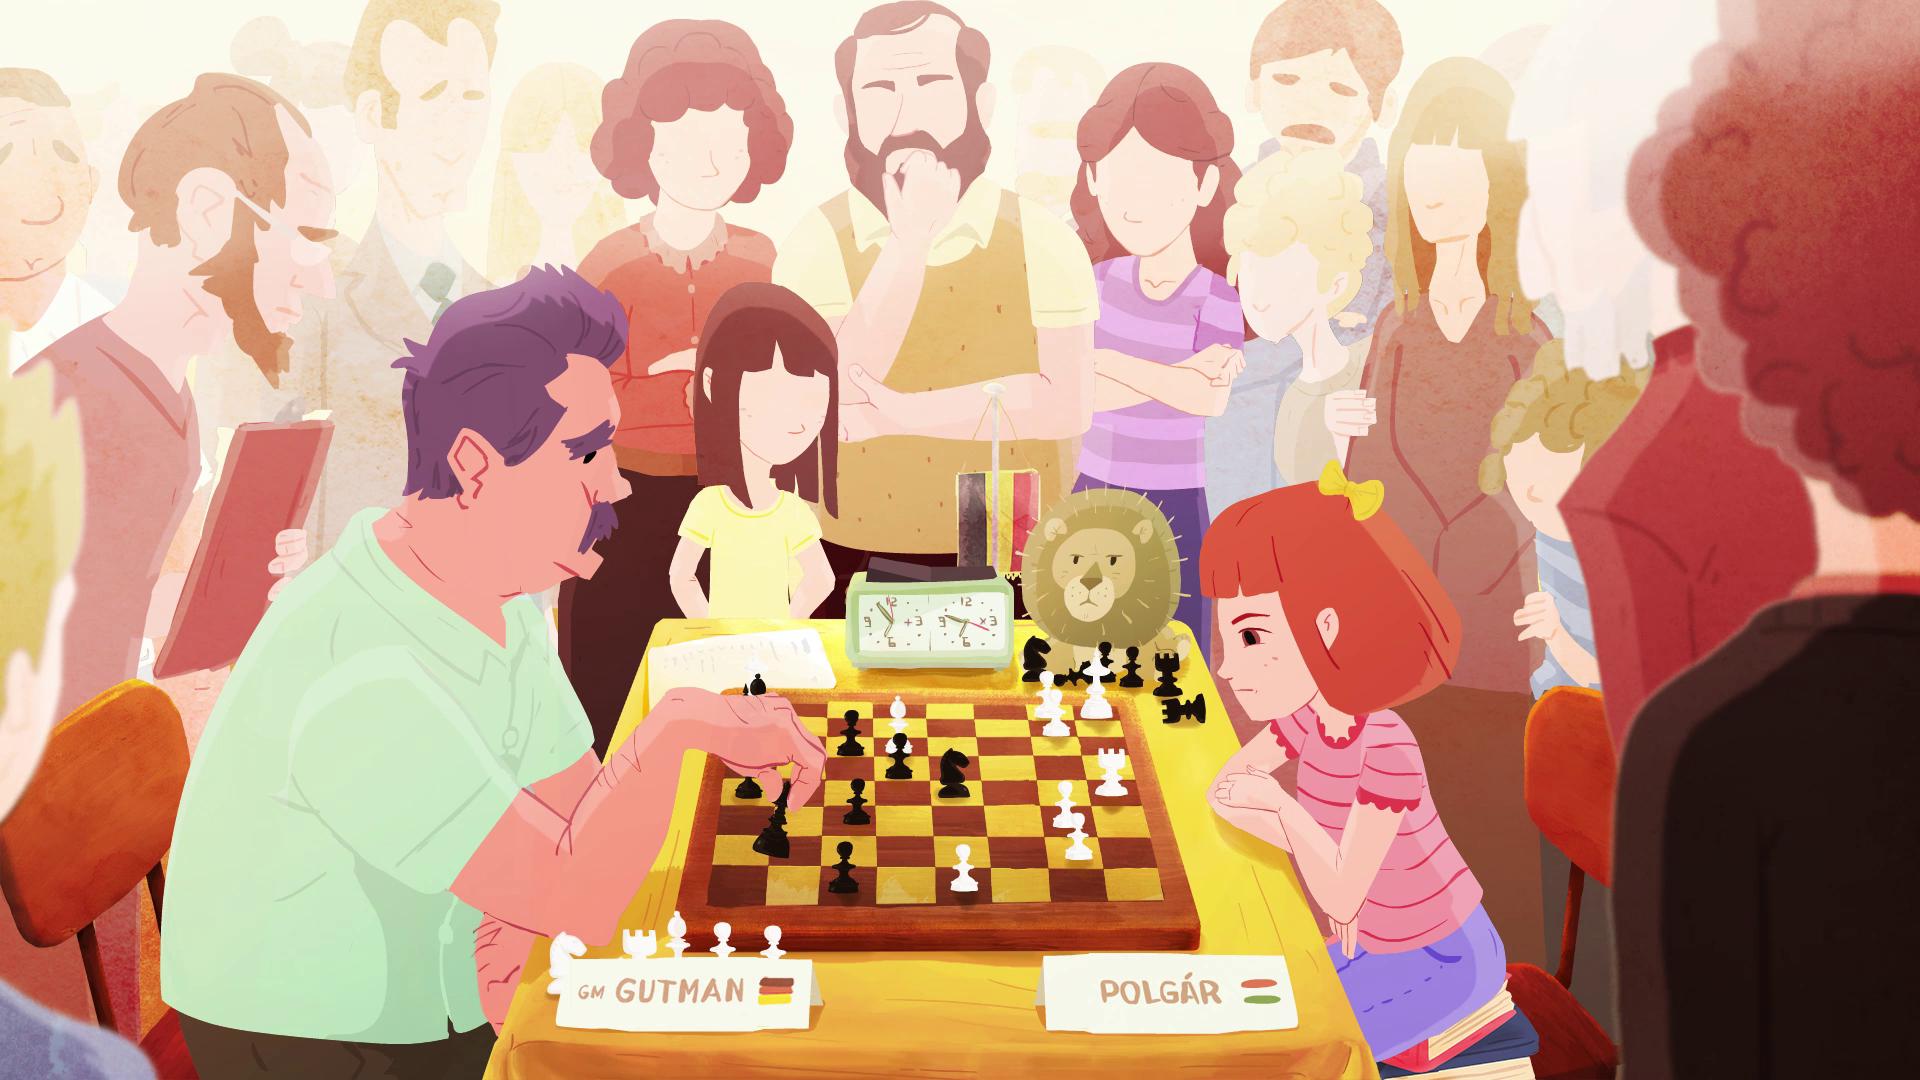 Le film d'animation Polgár Girls sur les célèbres joueurs d'échecs hongrois remporte un prix pour les films pour enfants